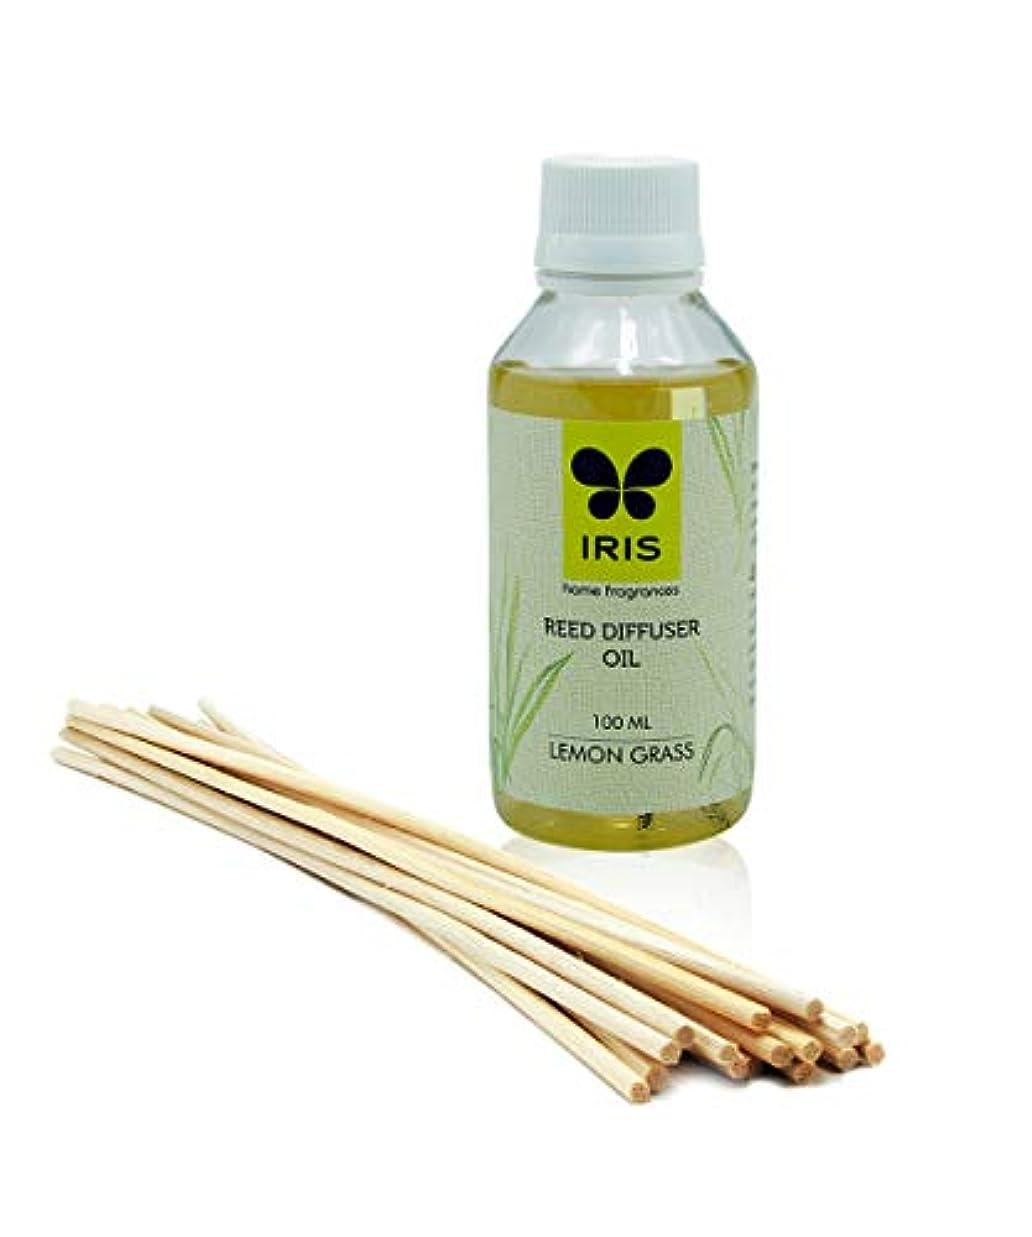 切り刻む恩赦対処するIris Reed Diffuser Refill Pack Lemon Grass Fragrance標準